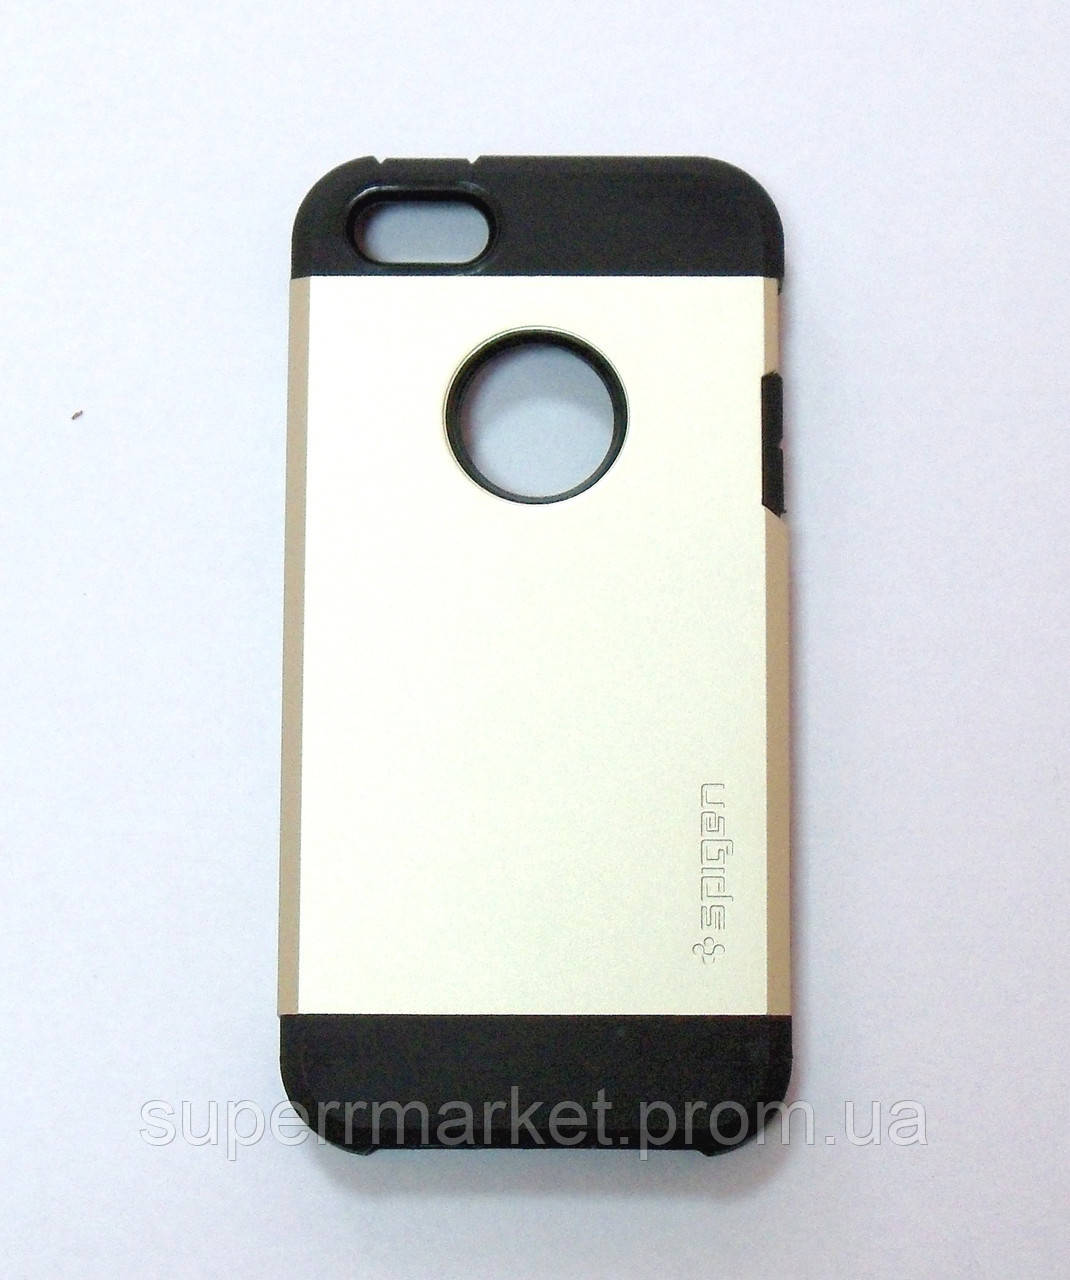 Чехол-накладка на iPhone 5 5s